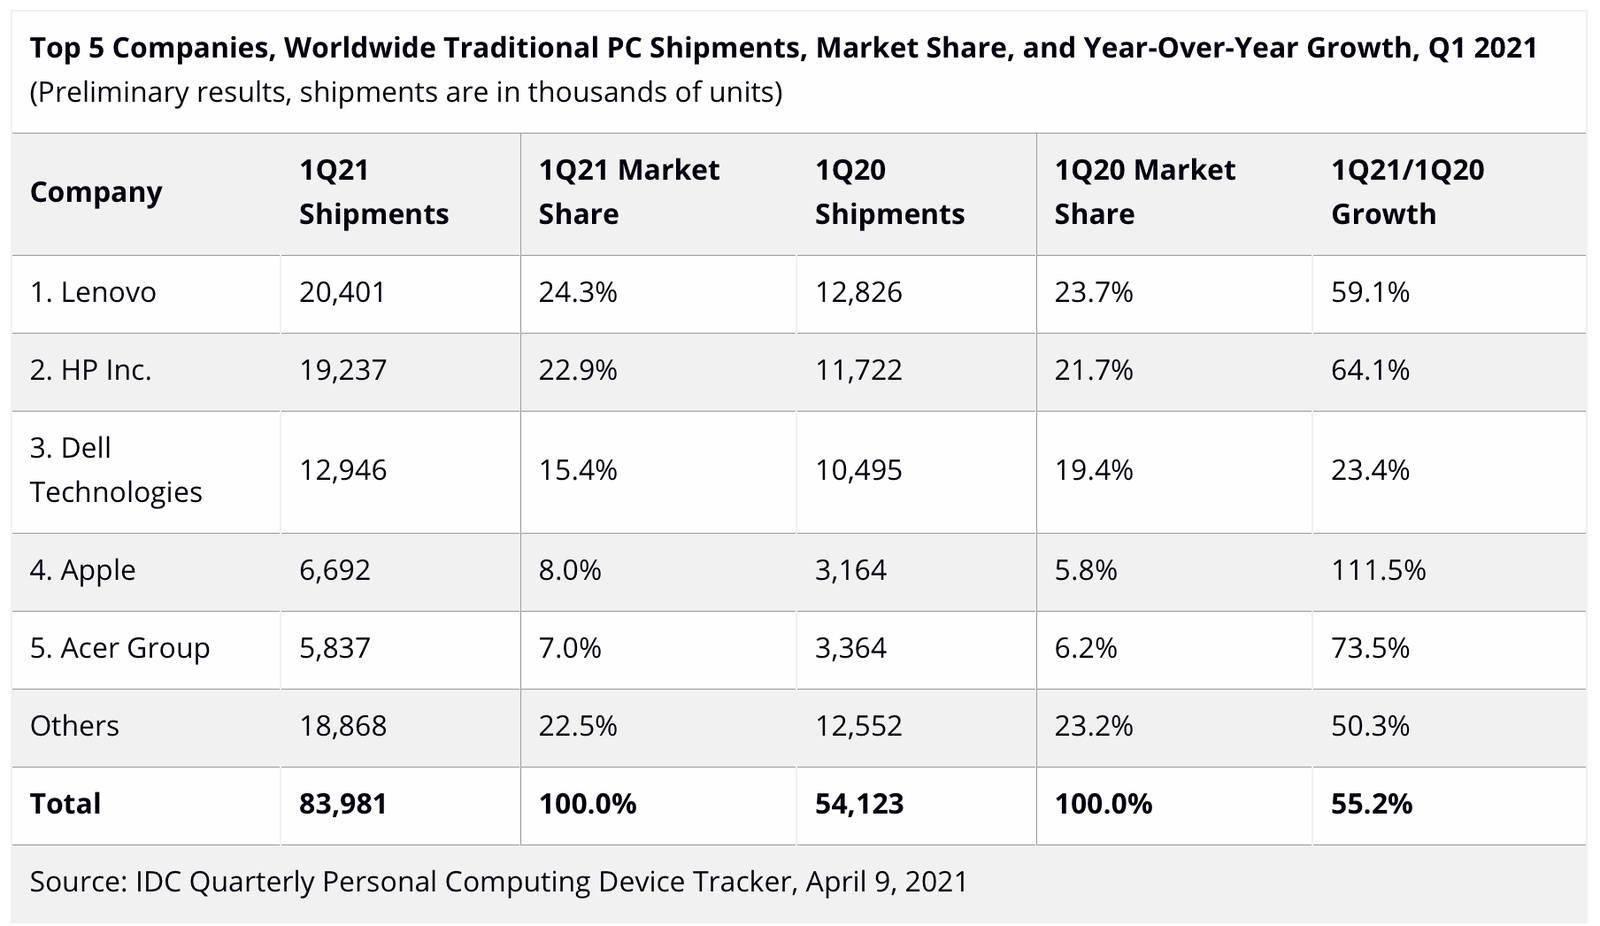 Mac出货量比去年同期增长了111.5% 其中苹果增长幅度最大